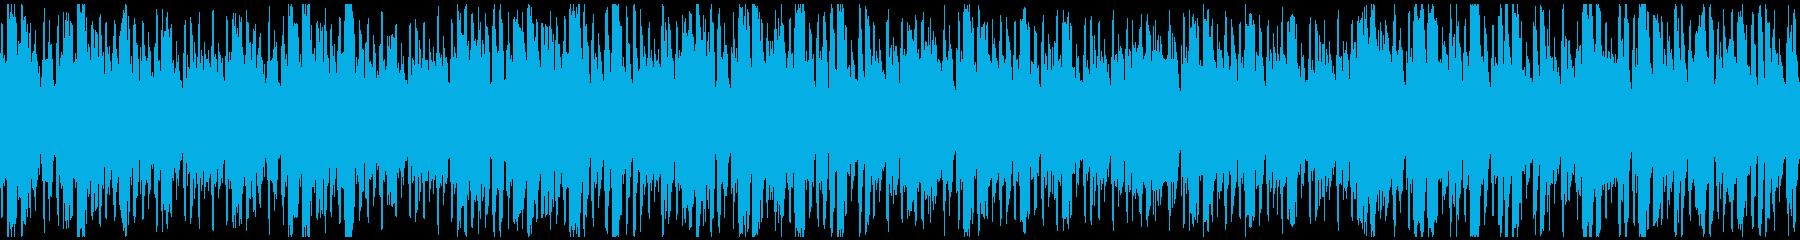 軽快で疾走感のあるエレクトロBGMの再生済みの波形